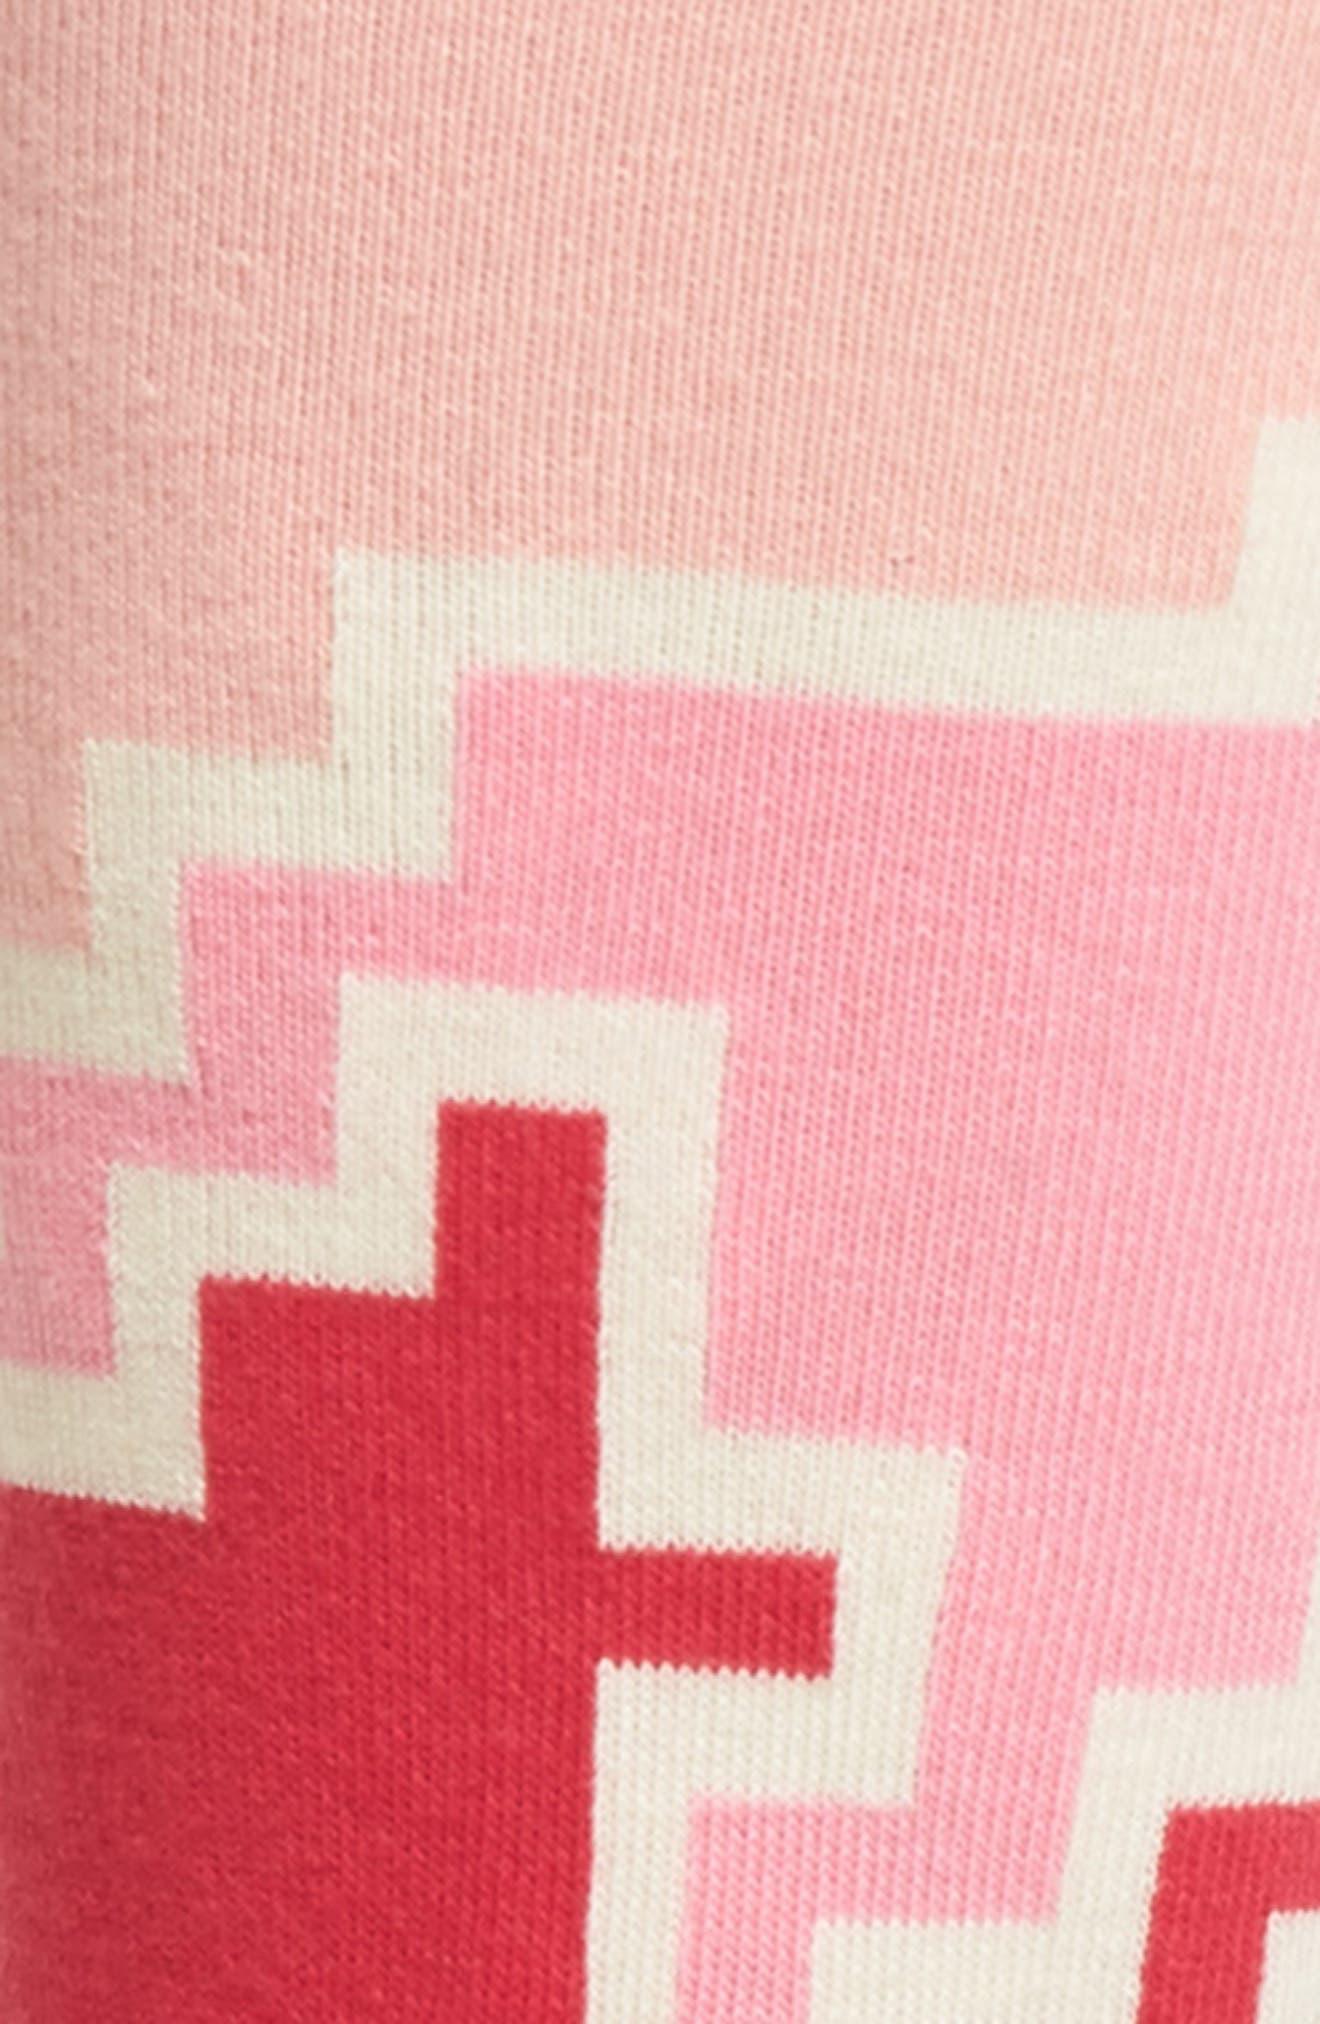 Geo Block Crew Socks,                             Alternate thumbnail 2, color,                             Pink